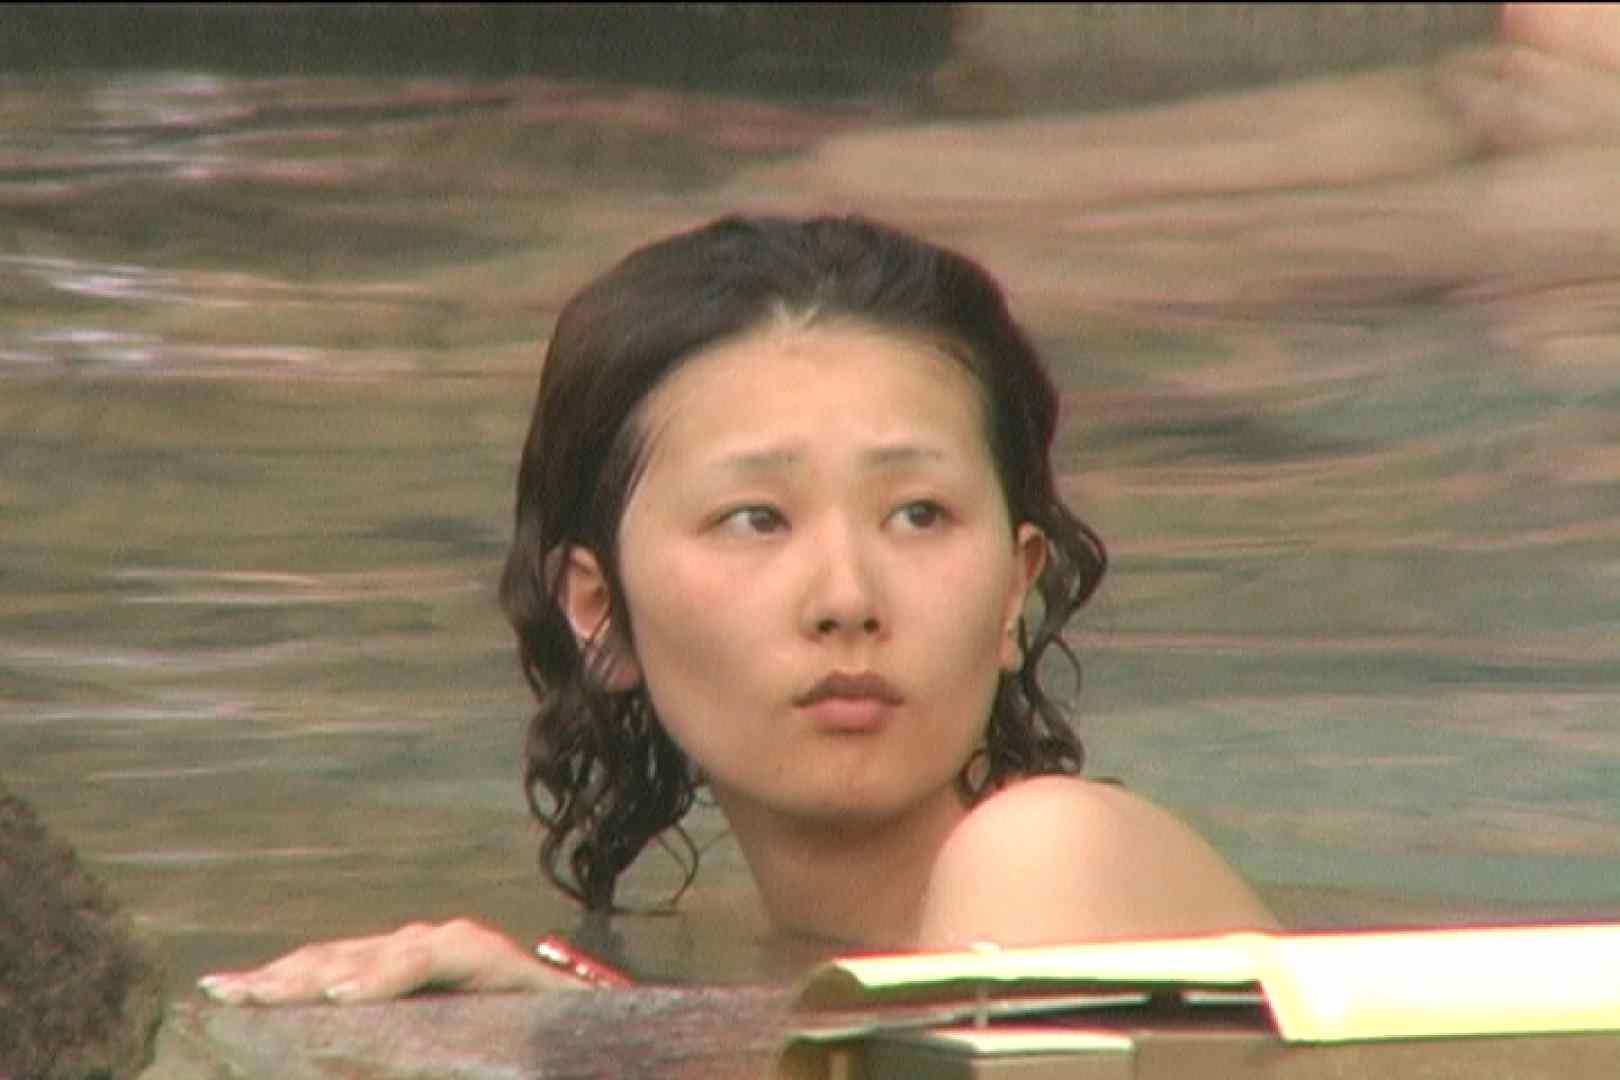 Aquaな露天風呂Vol.131 OLハメ撮り  108Pix 33